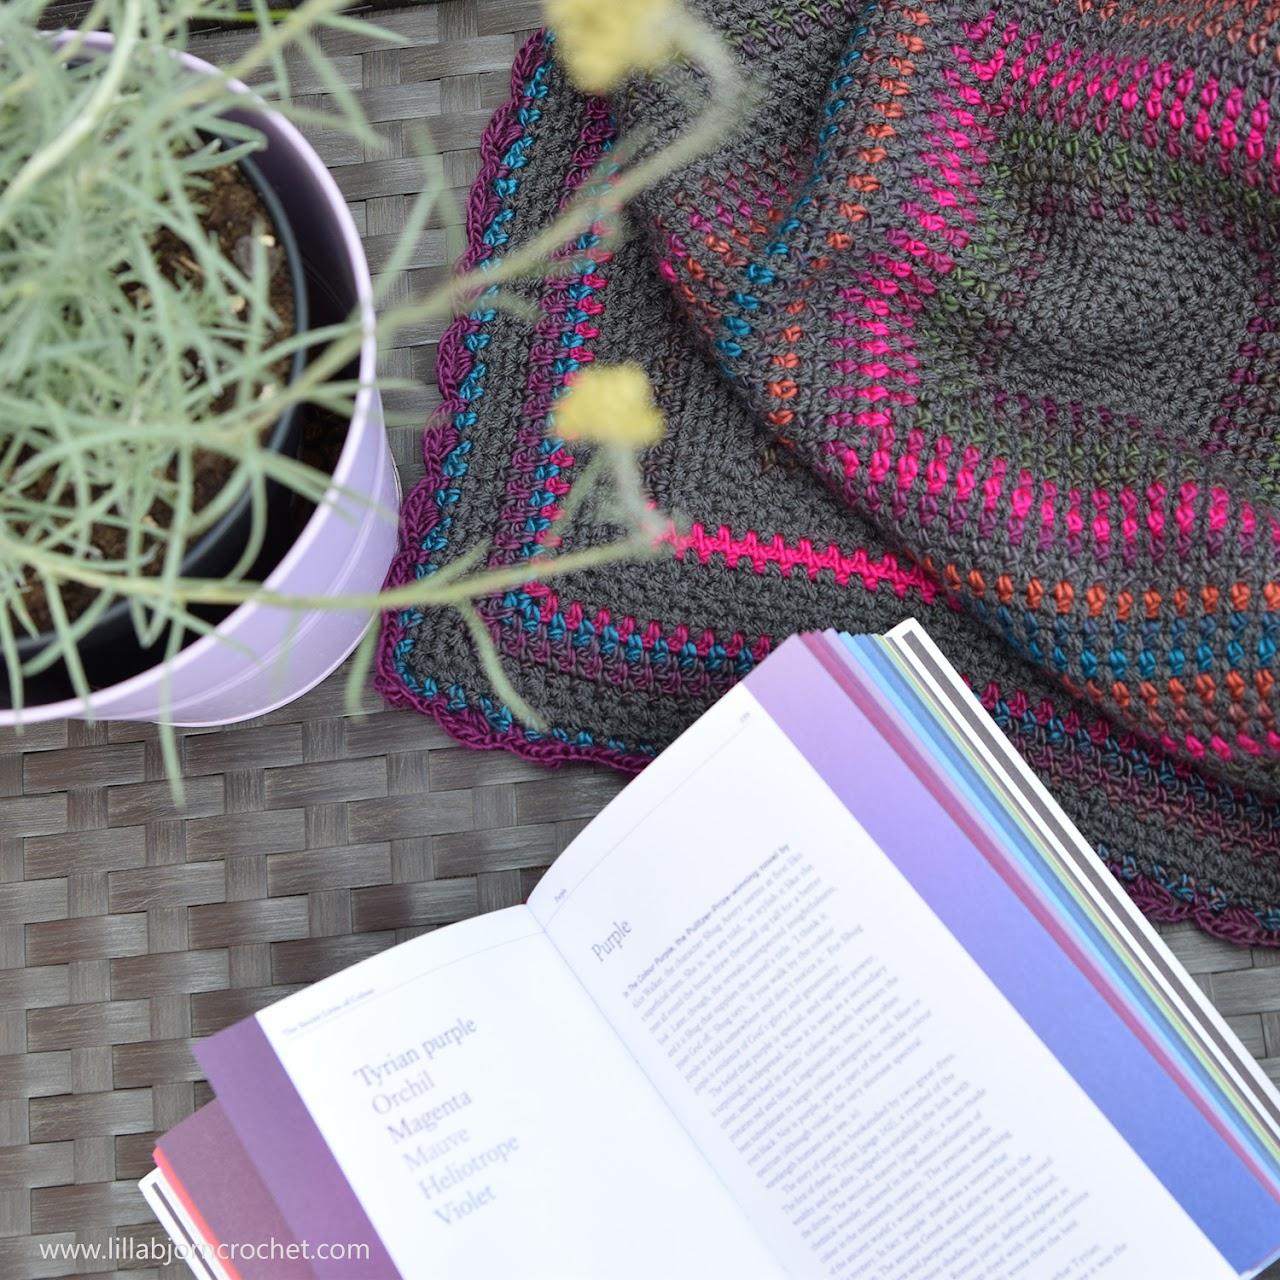 Around the World Blanket - #free crochet pattern by www.lillabjorncrochet.com